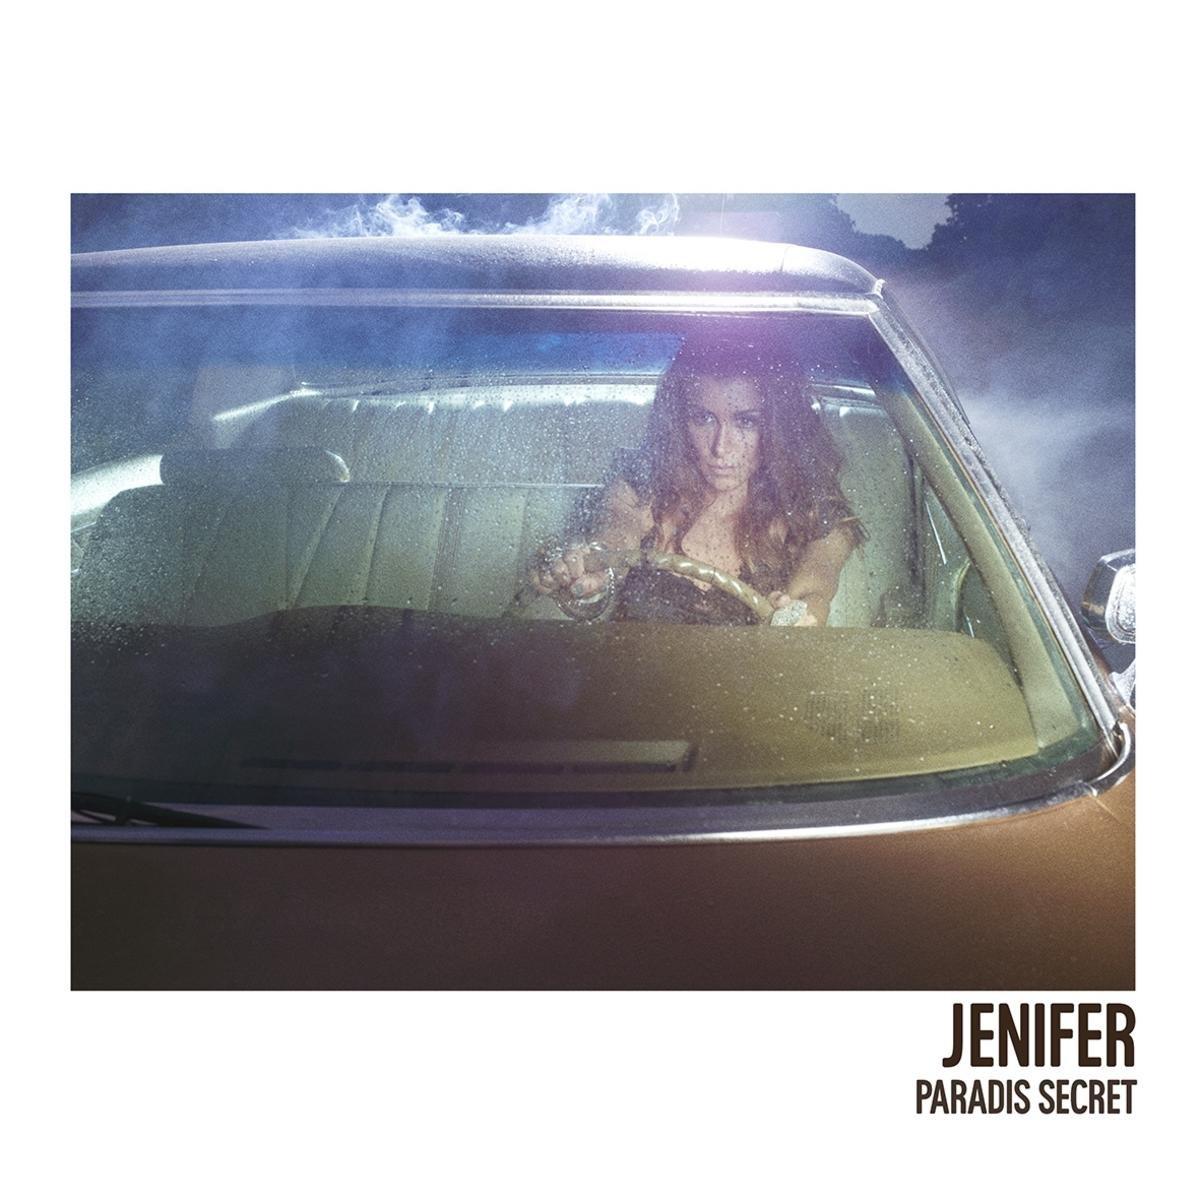 Jenifer - Paradis Secret [2016]